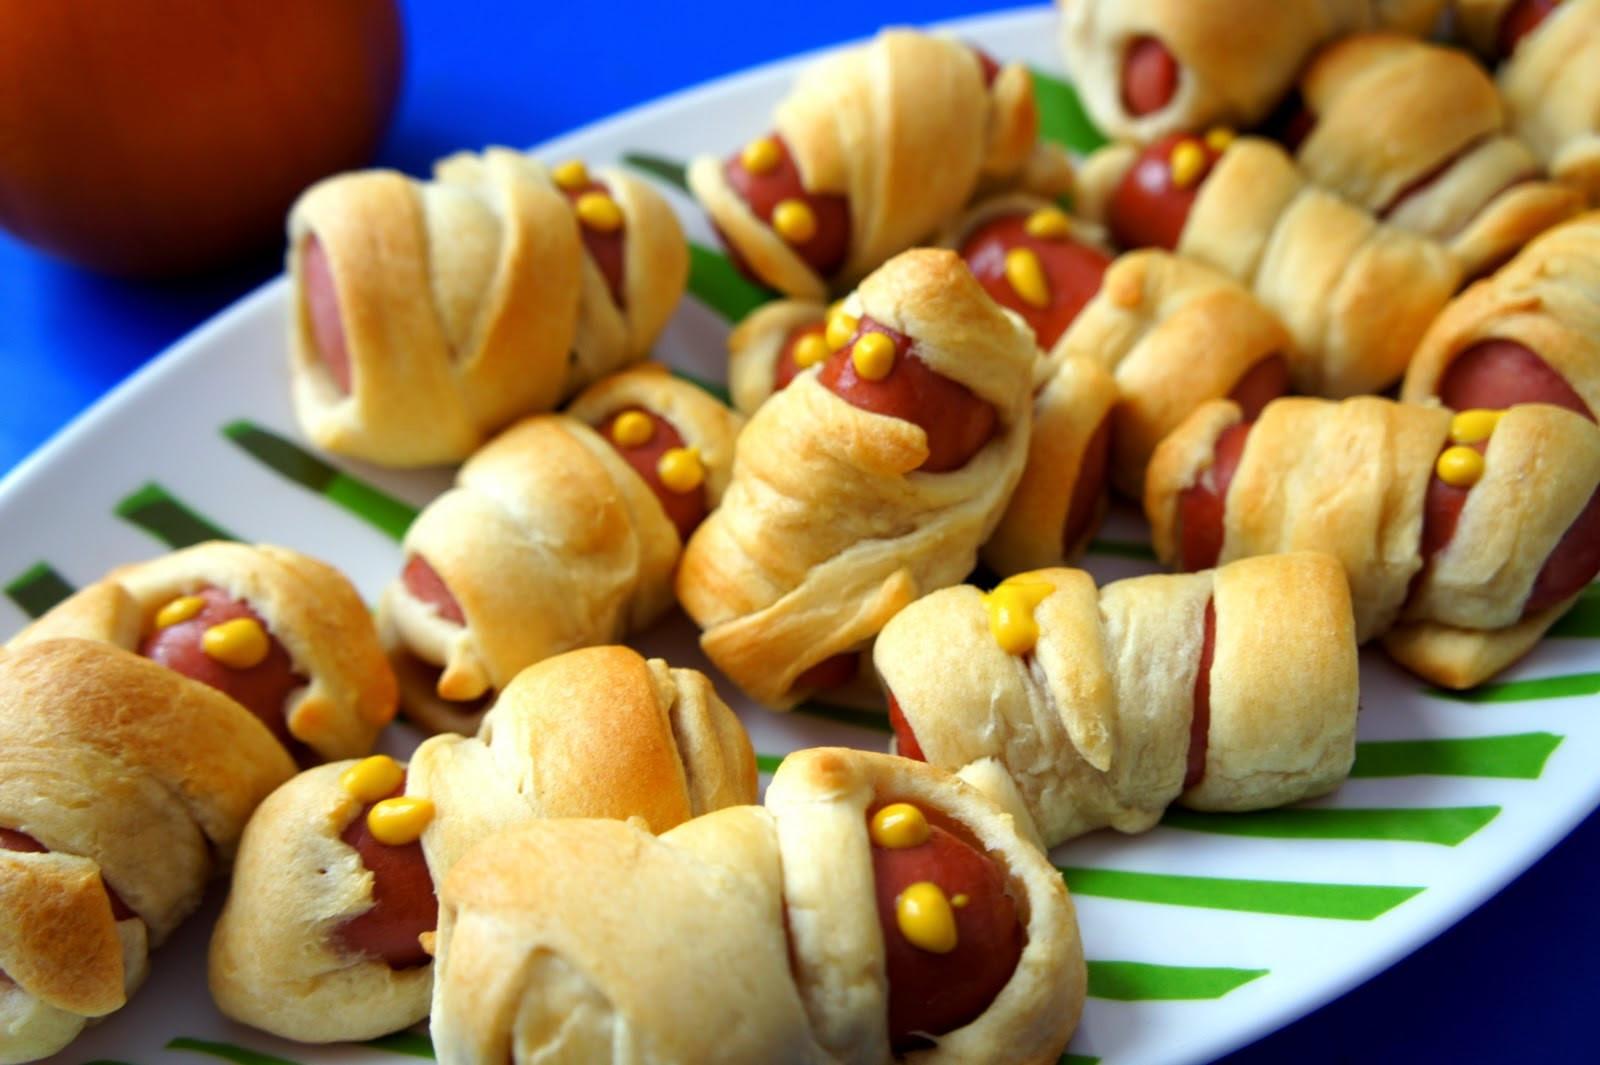 Halloween Kids Party Food Ideas  Halloween Articles Halloween Food Ideas For Kids